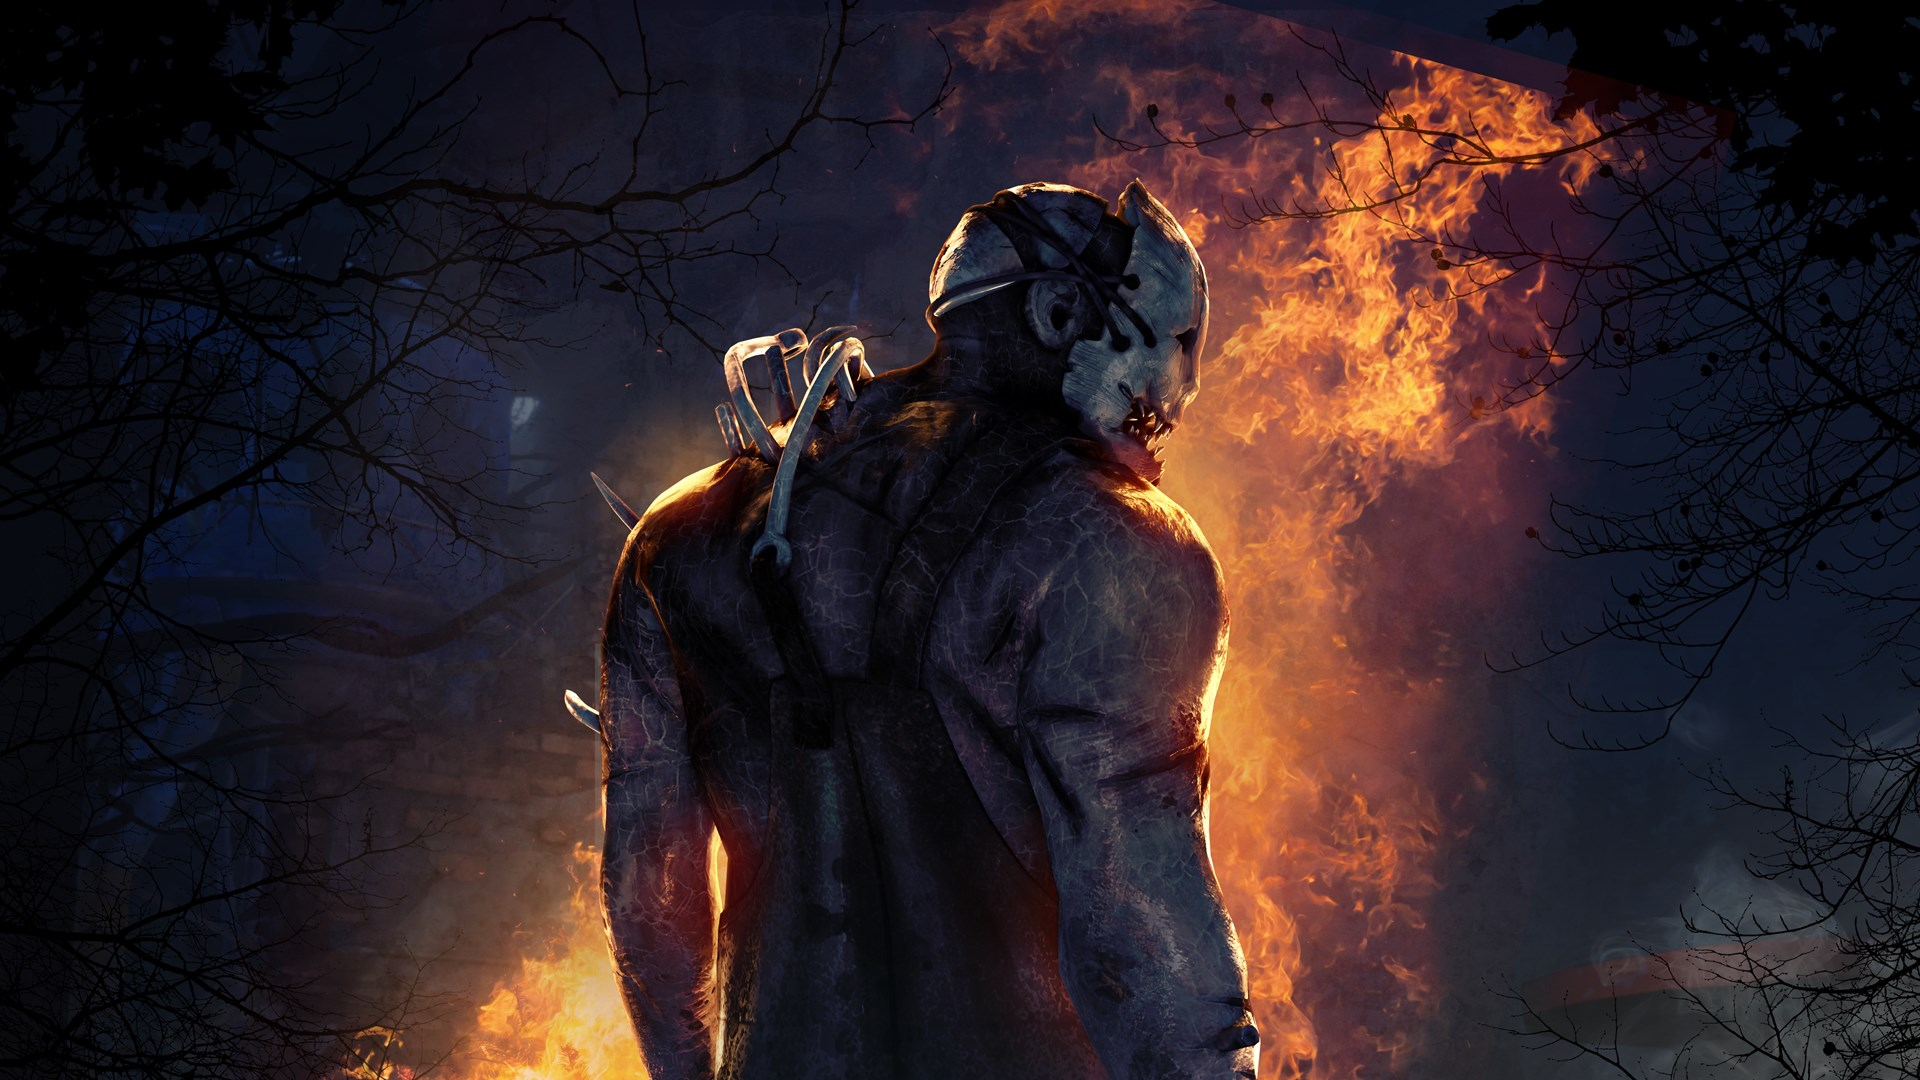 Кроссплатформенный мультиплеер появится в Dead by Daylight